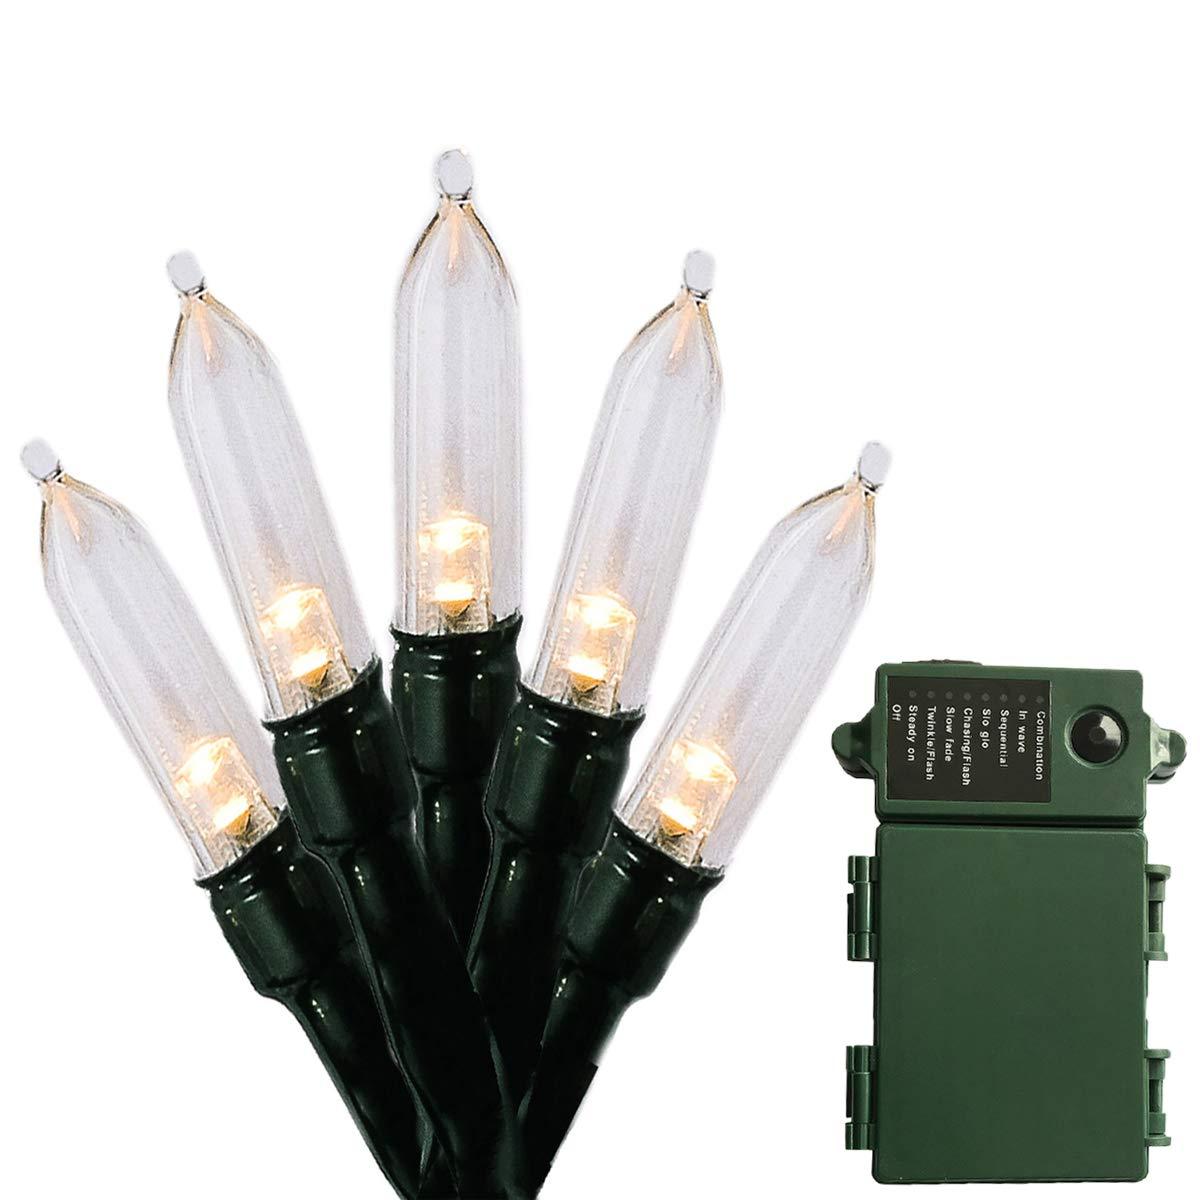 Novelty Lighting